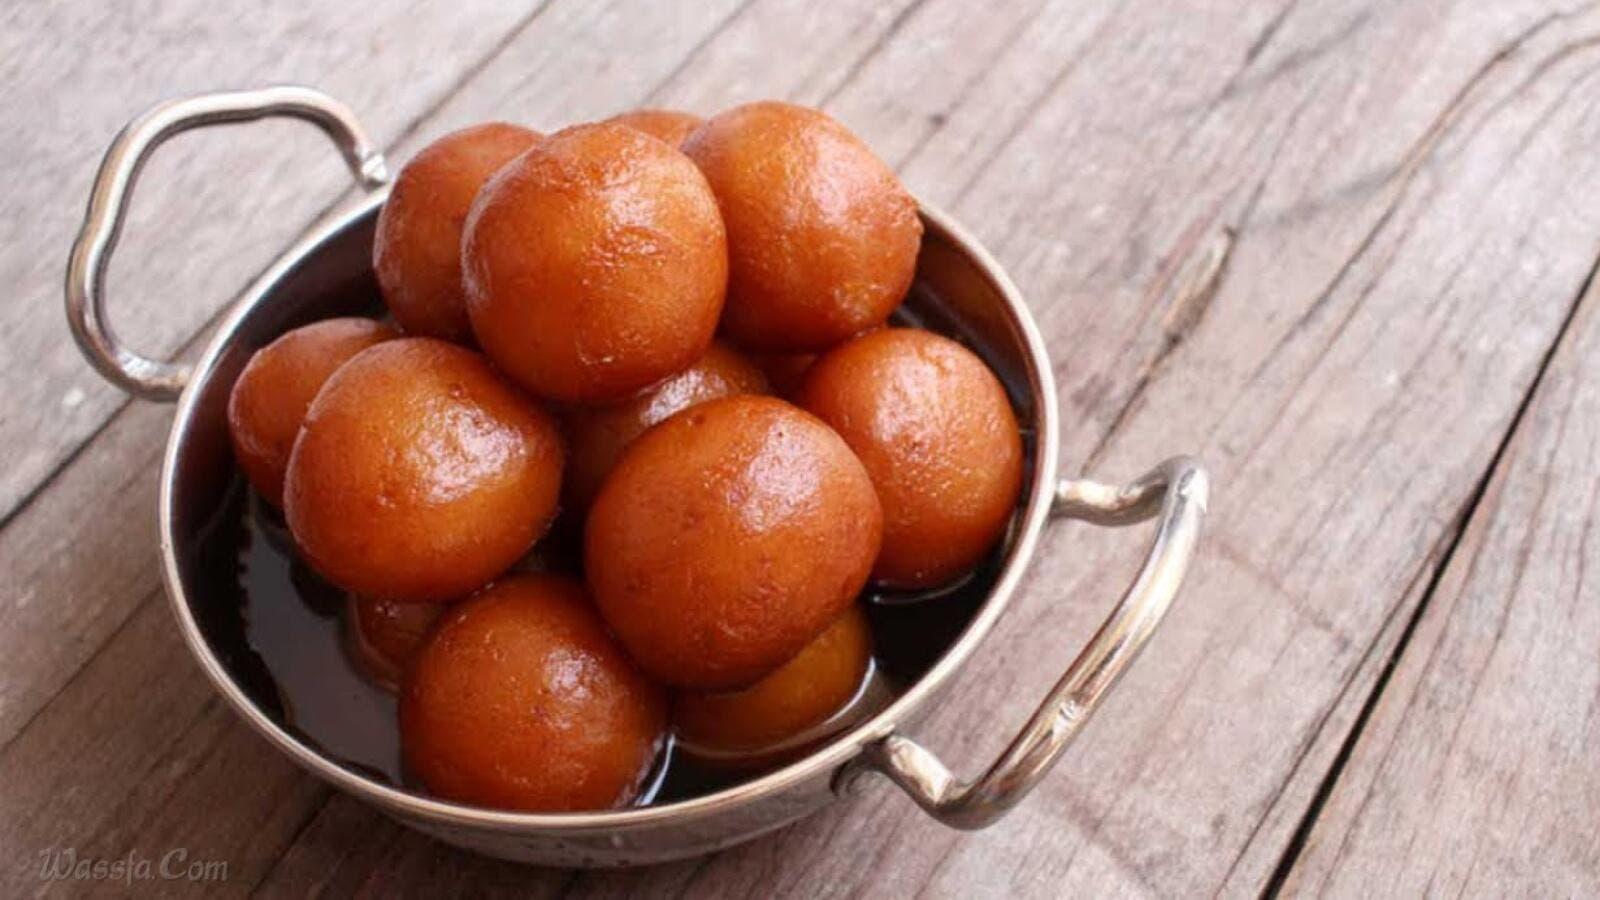 اطيب حلويات 2019 زنزون حلوى